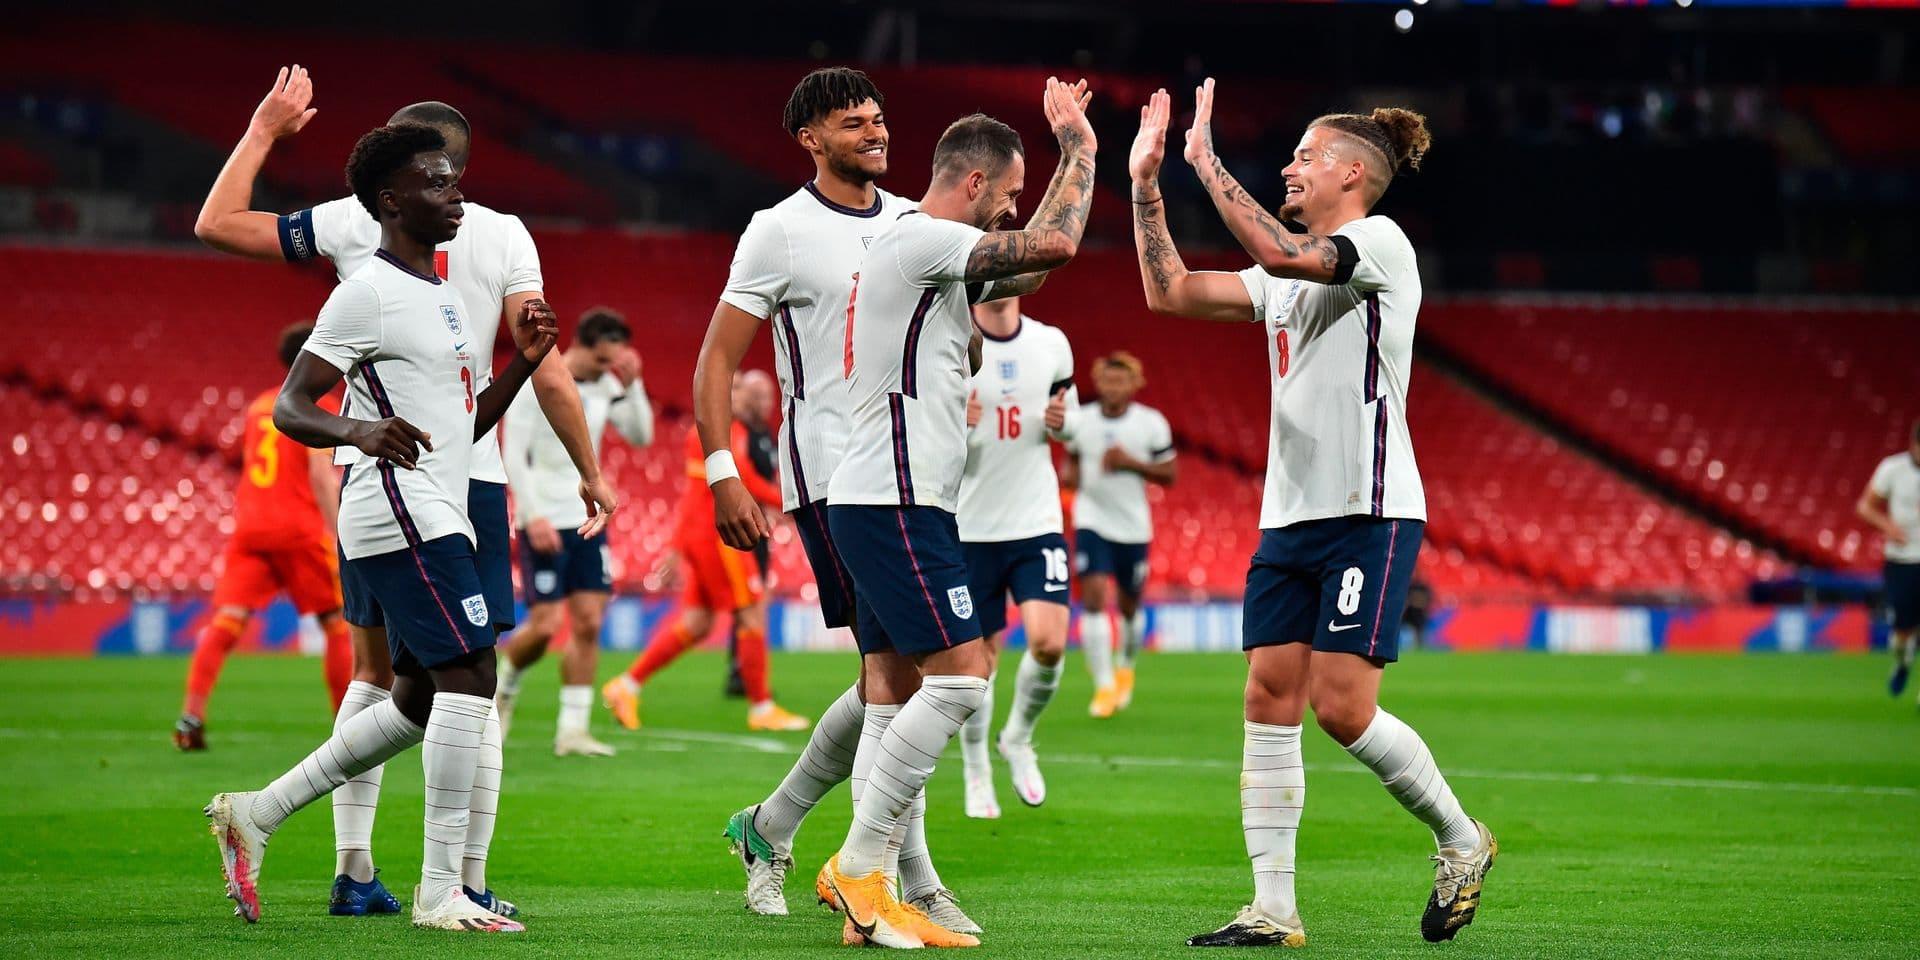 Voici la sélection anglaise qui affrontera les Diables rouges le 15 novembre